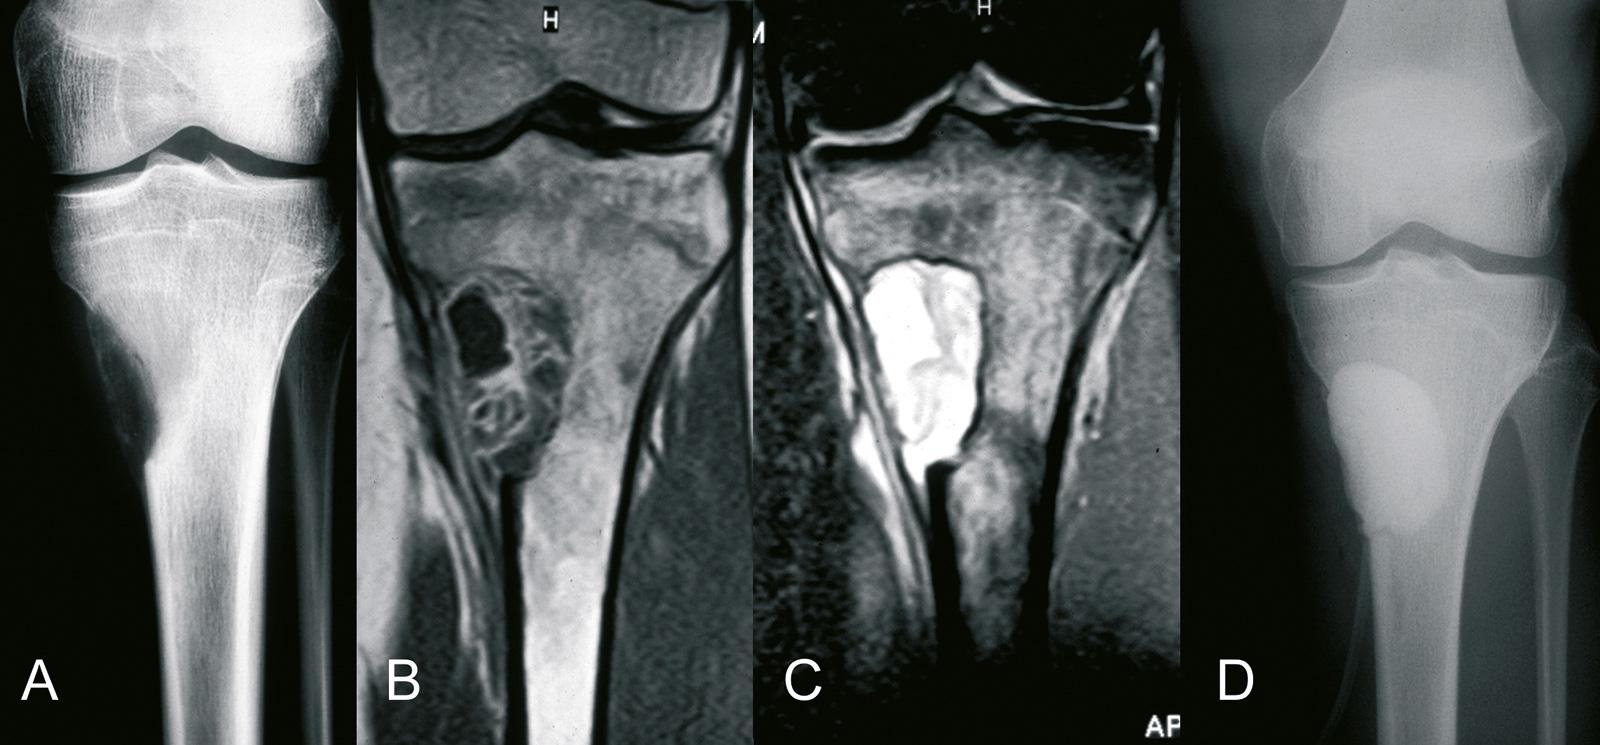 Abb. 8-26: AKZ der proximalen Tibia (A-C), typische Kontrastmittelaufnahme im Bereich der Septen (B). Nach Kürettage der Läsion erfolgte die Auffüllung mit Knochenzement (D) (Eigentum des Instituts für Klinische Radiologie der Universität Münster)